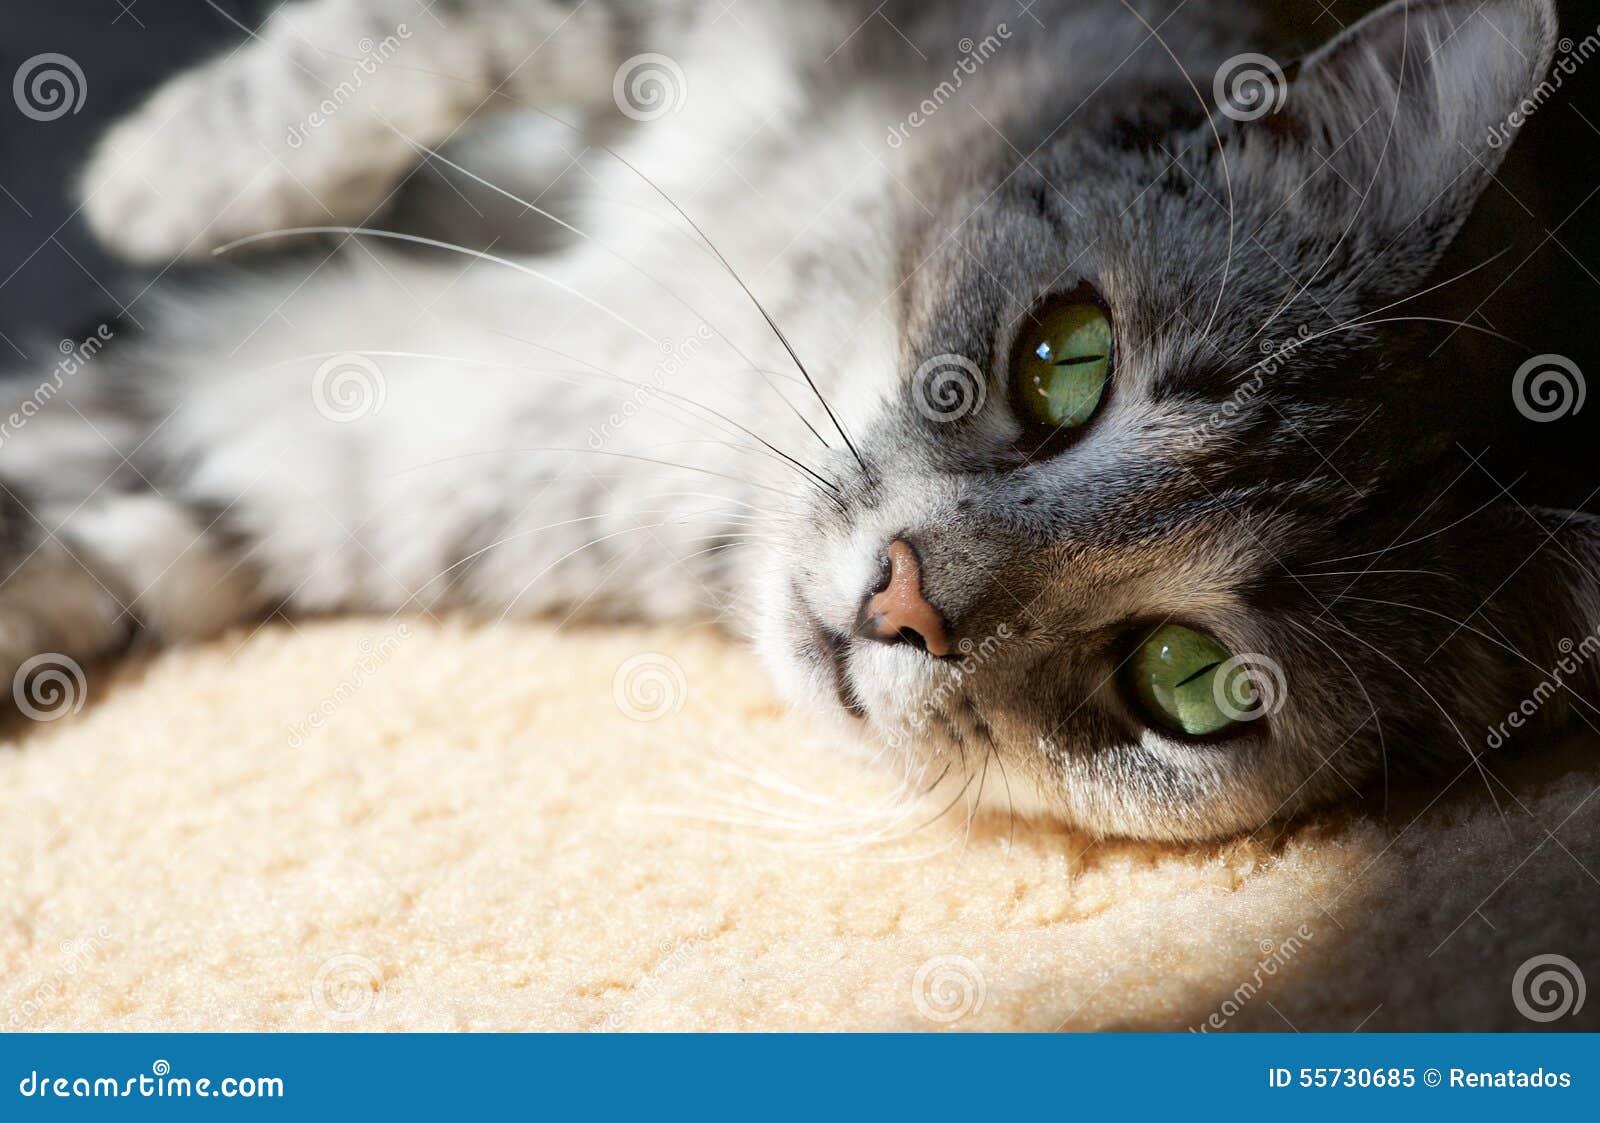 Het rusten kat op natuurlijke huisachtergrond in een schaduw, lui kattengezicht dicht omhoog, kleine slaperige luie kat, huisdier